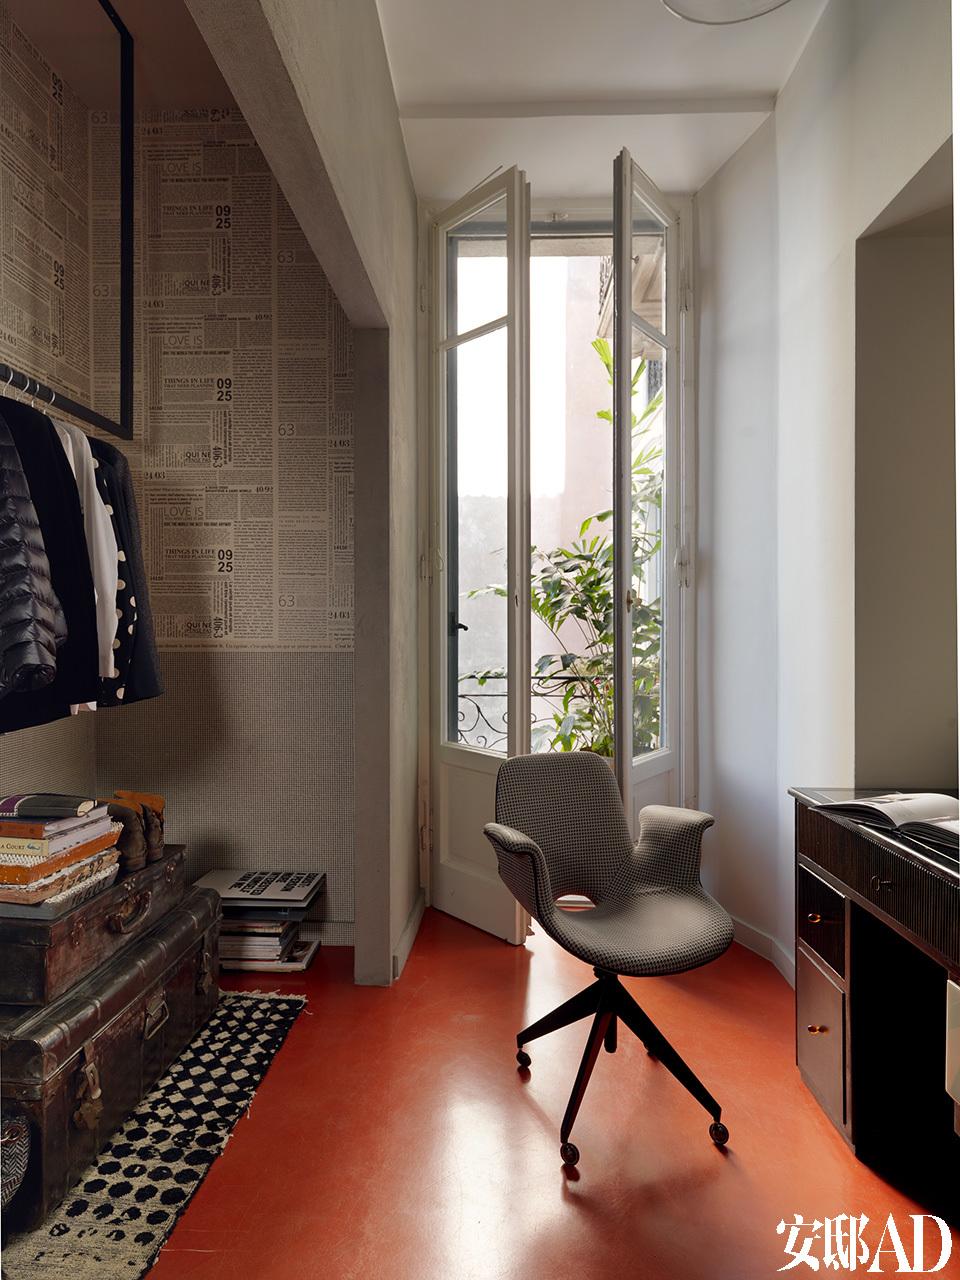 书房的地板和家的入口处一样,都选择了暖调的红色。书桌是由从布达佩斯淘来的古董桌改造而成,这把独一无二的椅子名为